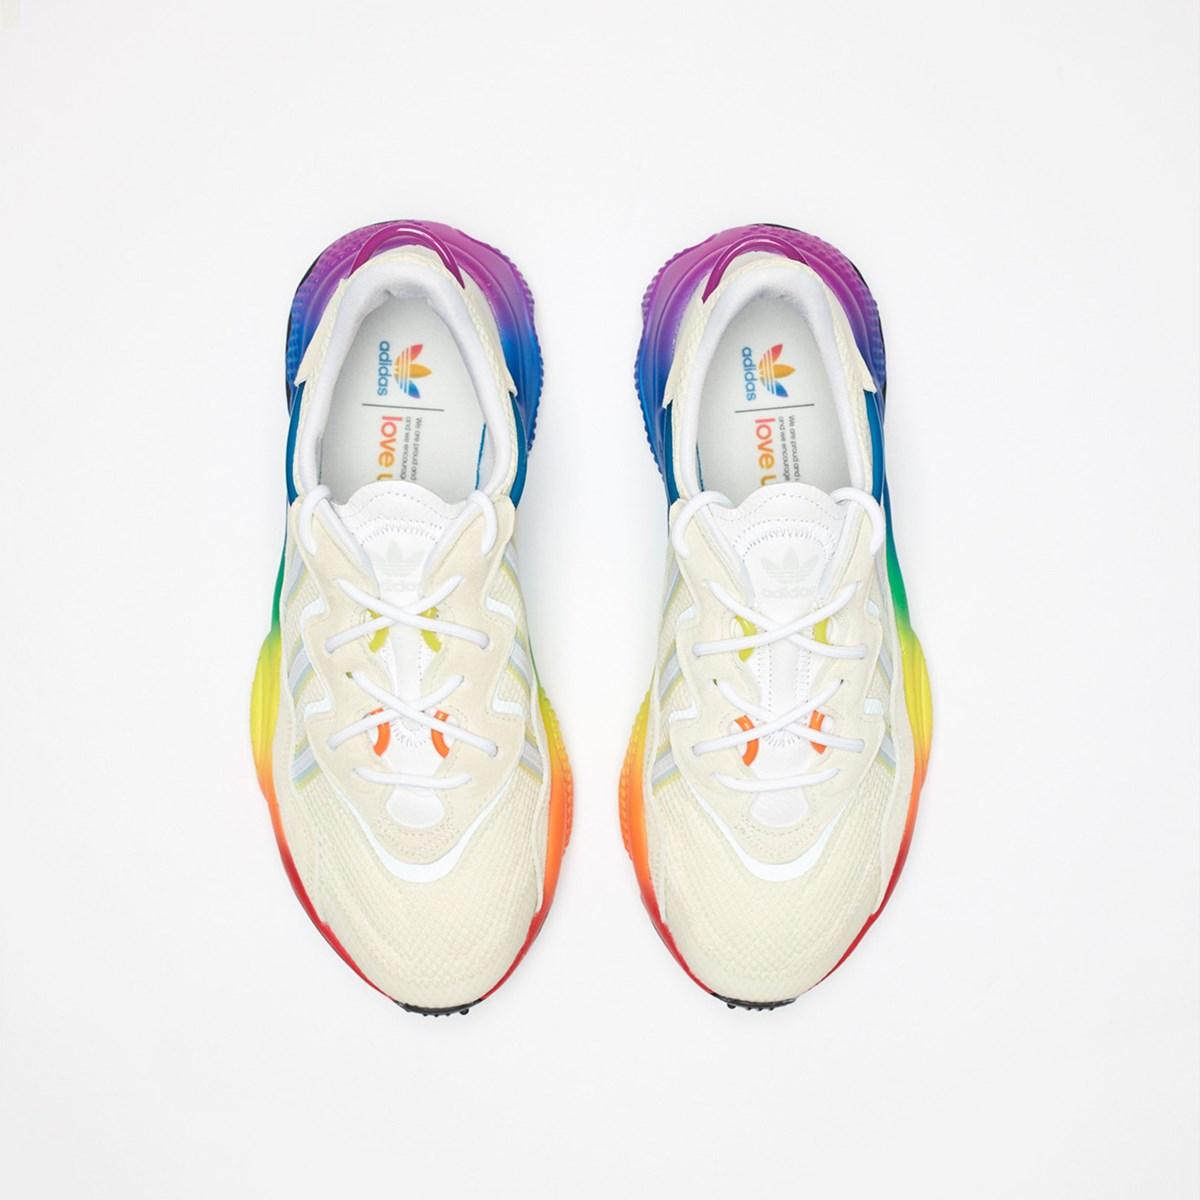 adidas Ozweego Pride - Eg1076 - Sneakersnstuff   sneakers & streetwear online since 1999